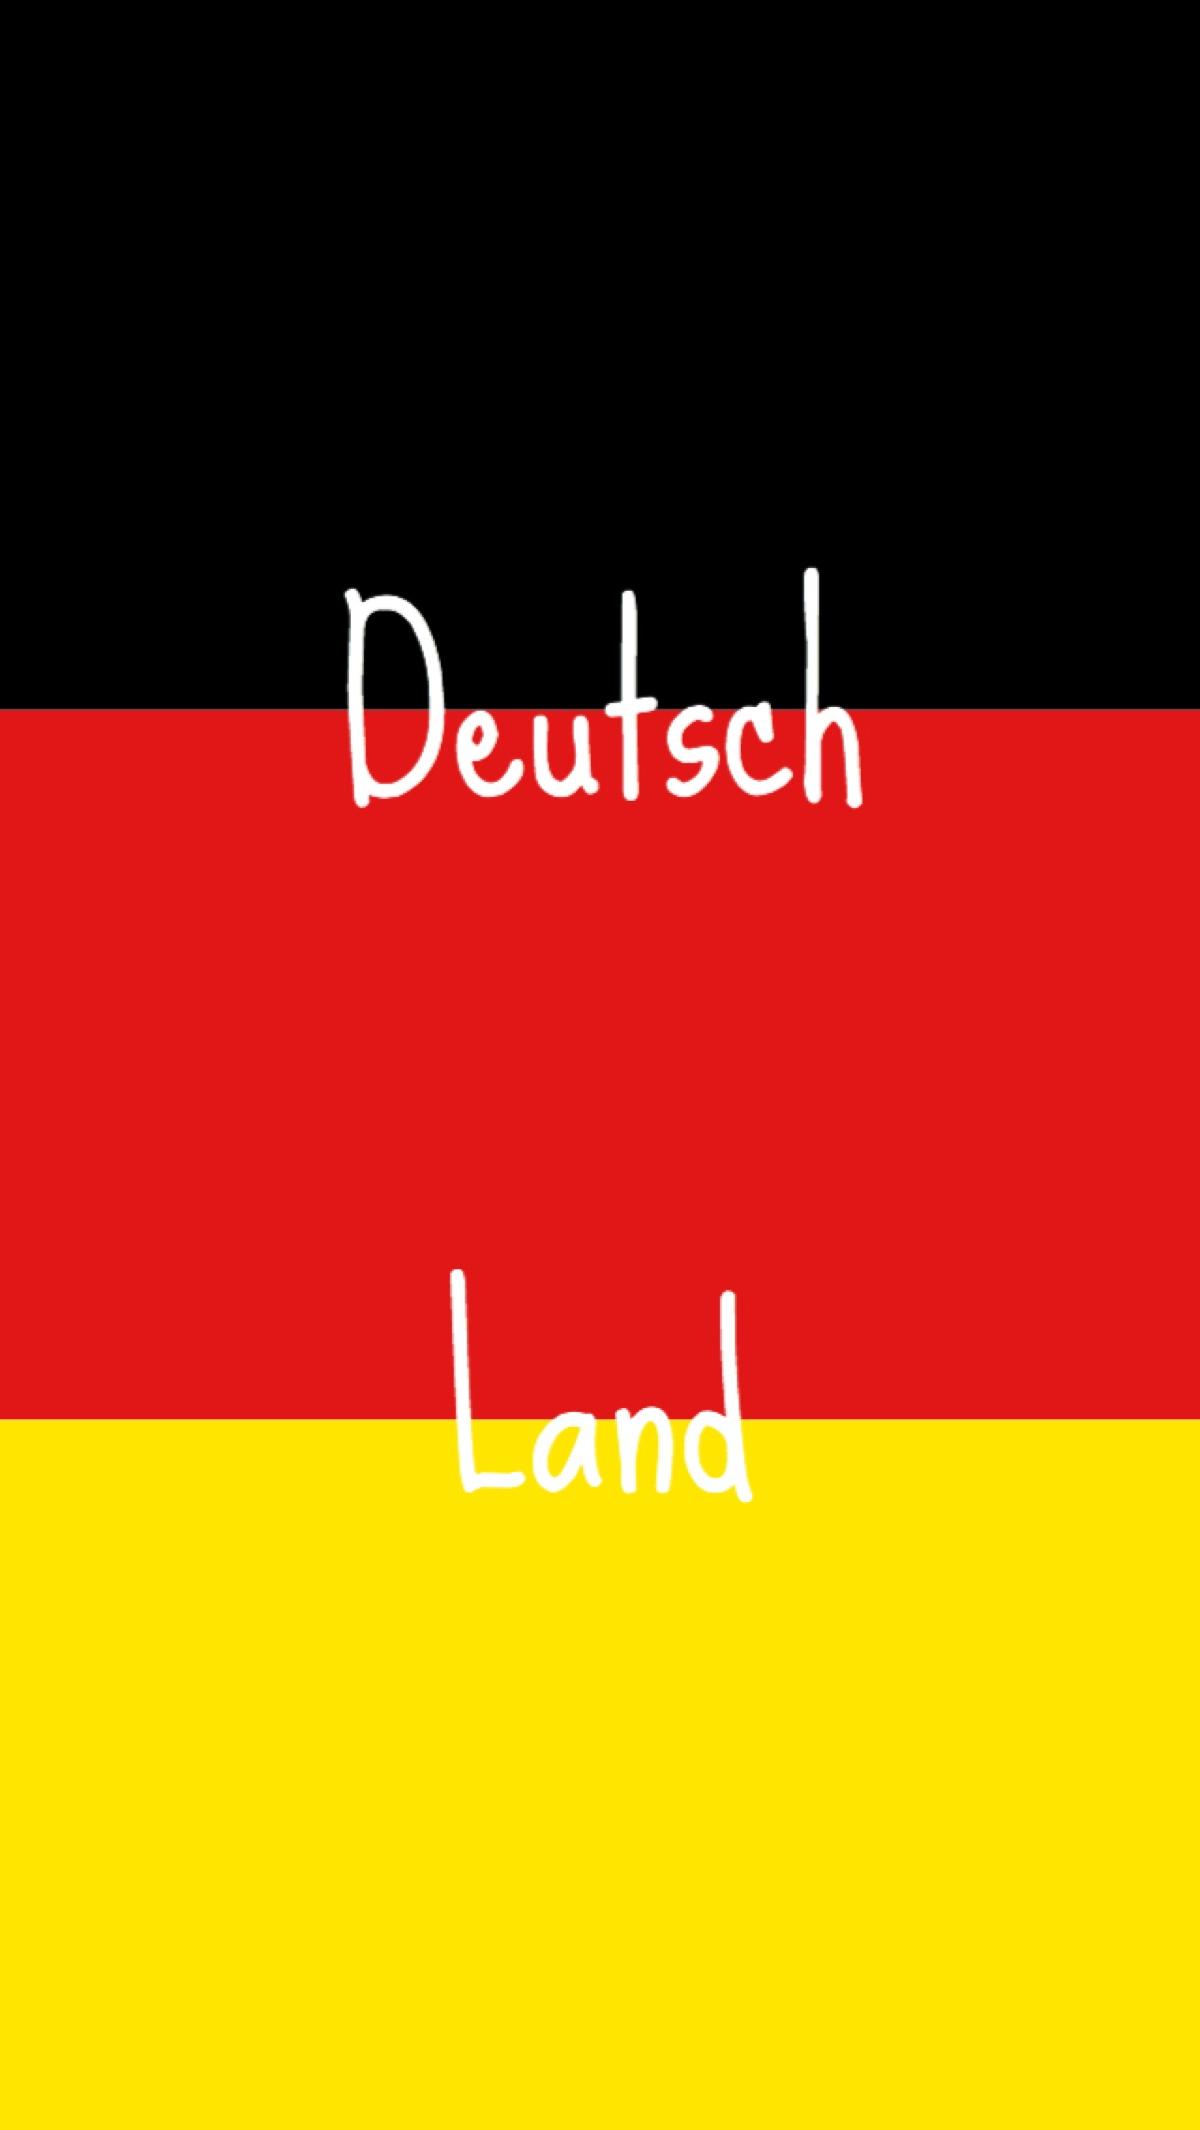 昆明德语等级考试考前培训课程